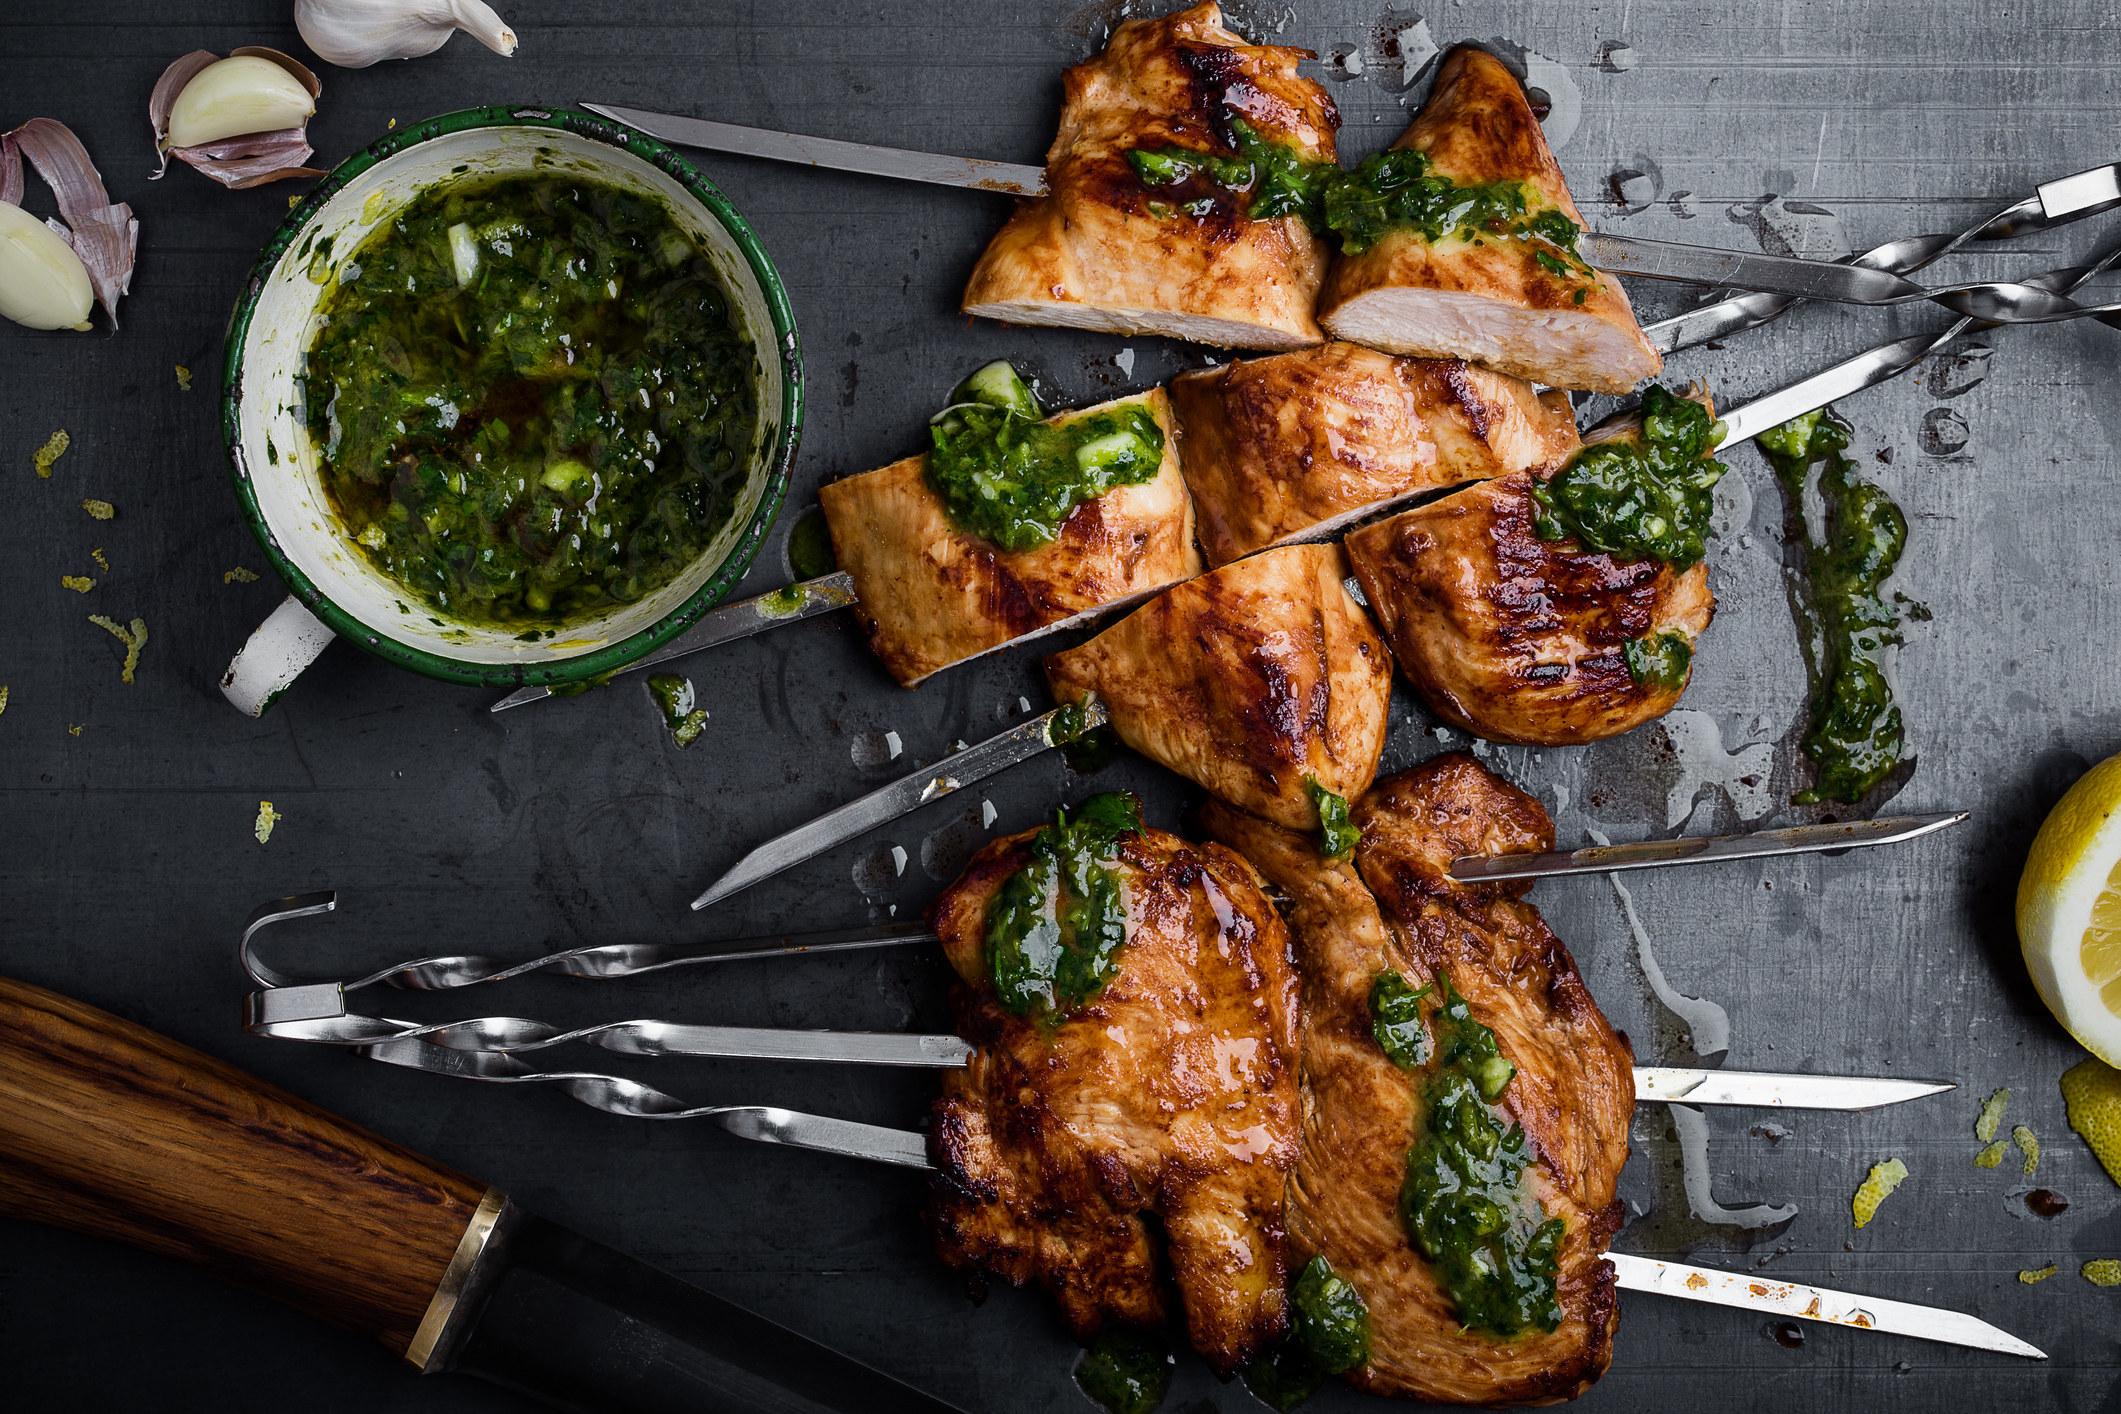 Juicy chicken skewers.